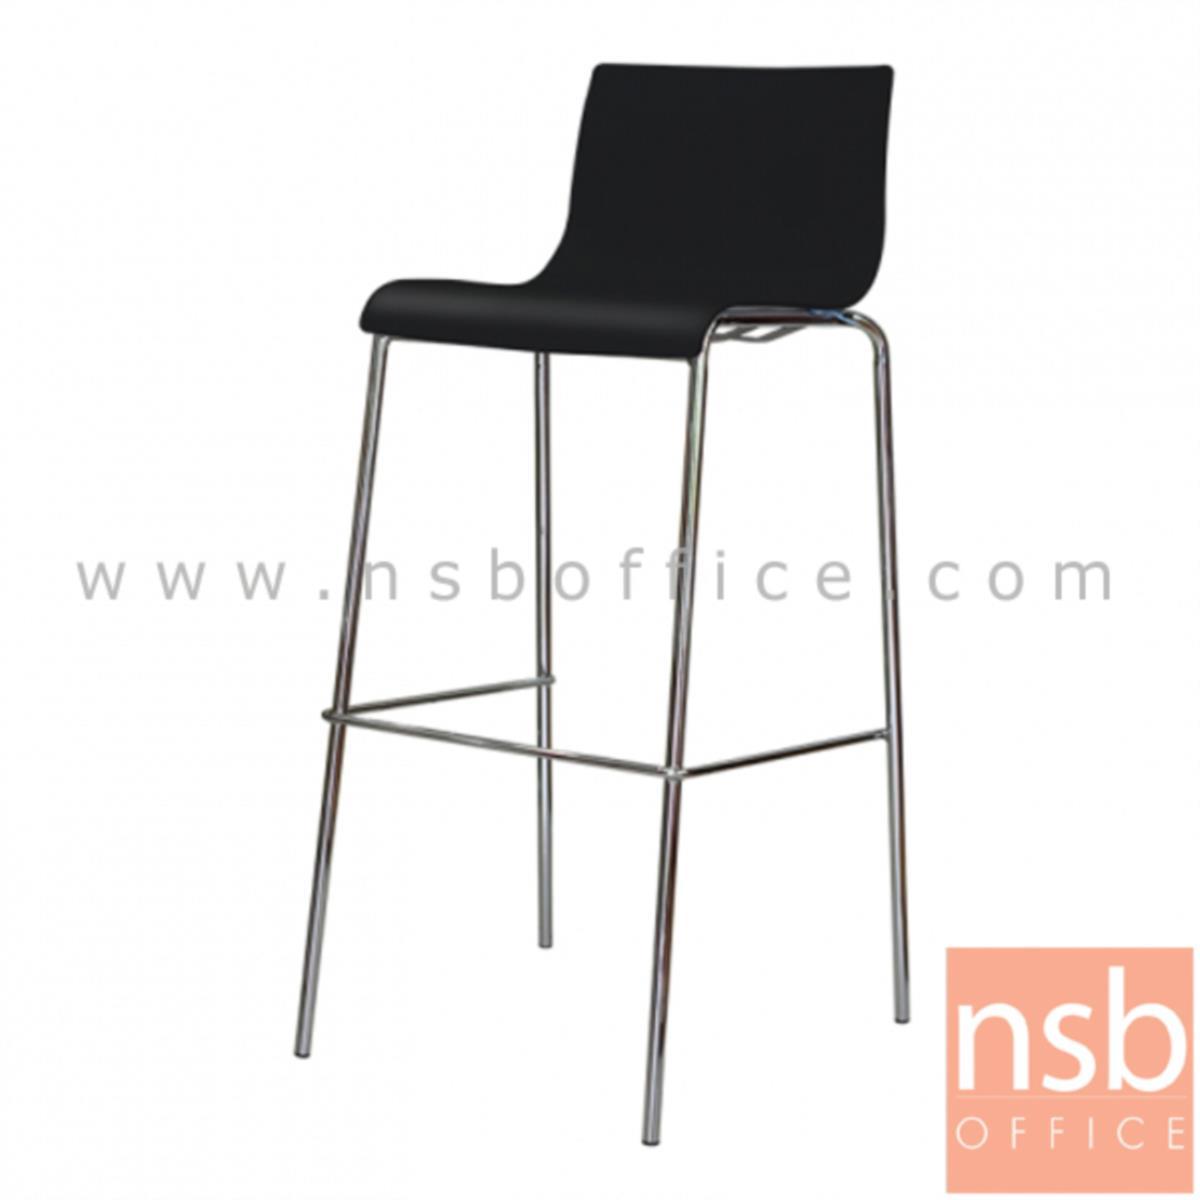 B09A191:เก้าอี้บาร์สูงโพลี่(PP) รุ่น NP-9200 ขนาด 39W cm. ขาเหล็กชุบโครเมี่ยม